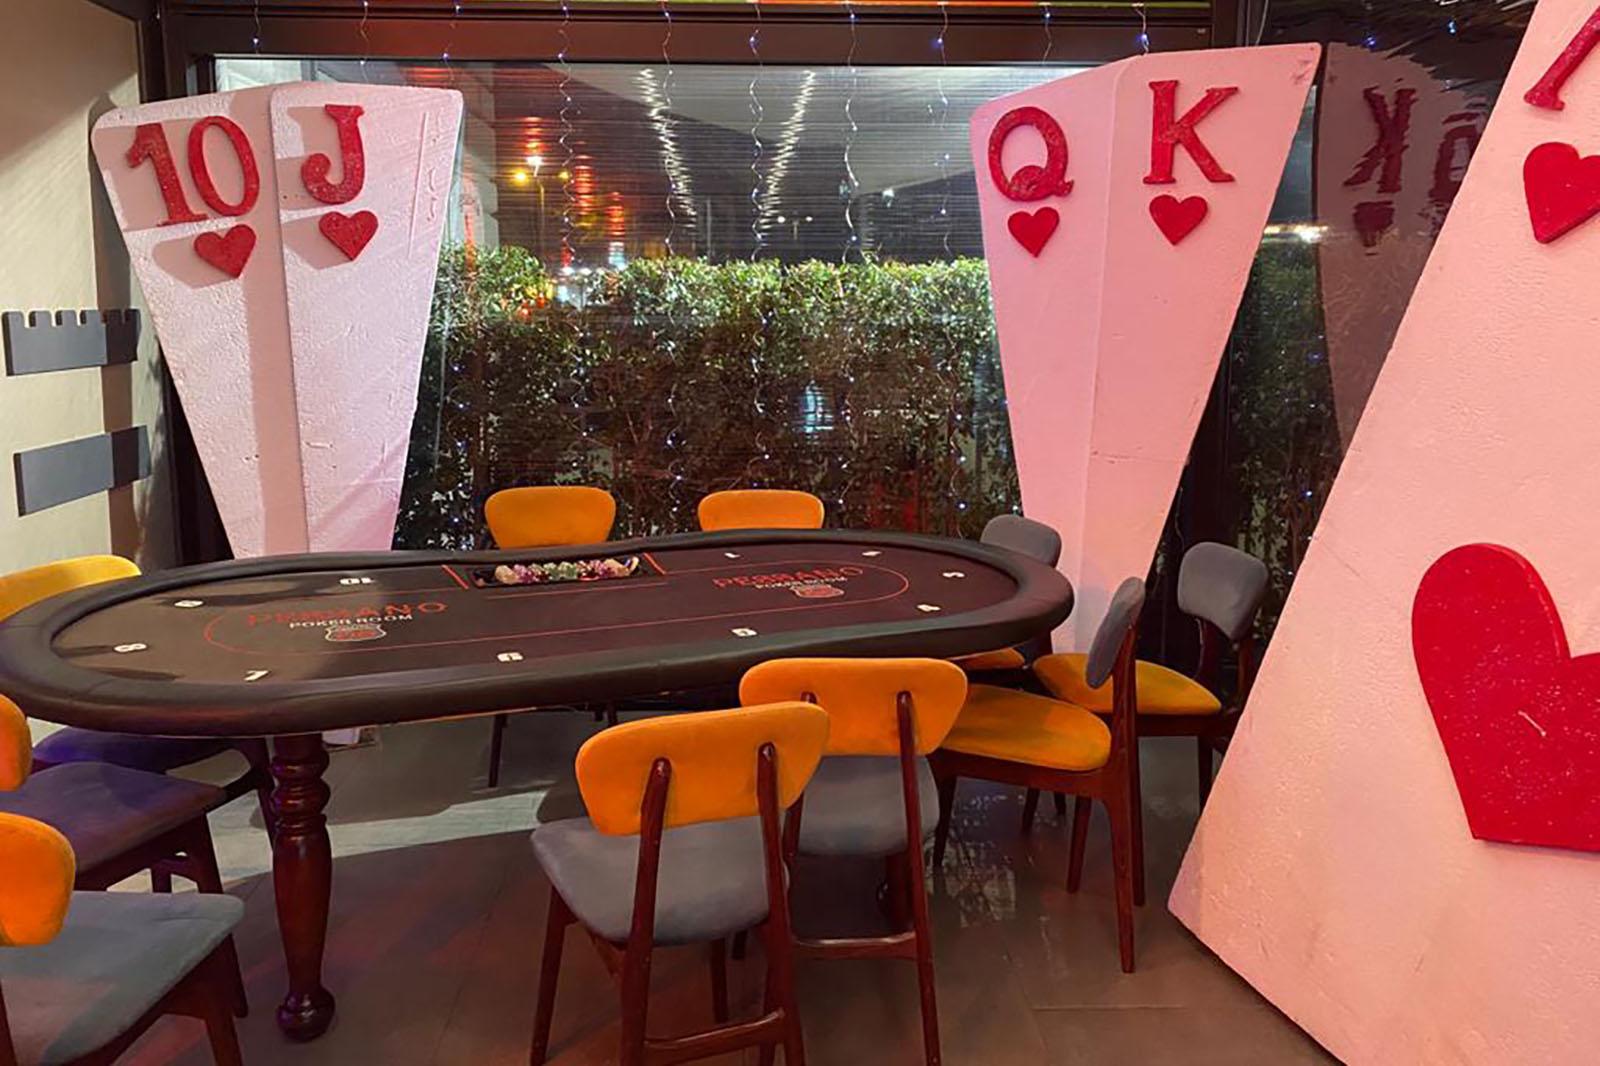 Noleggio tavoli da Roulette